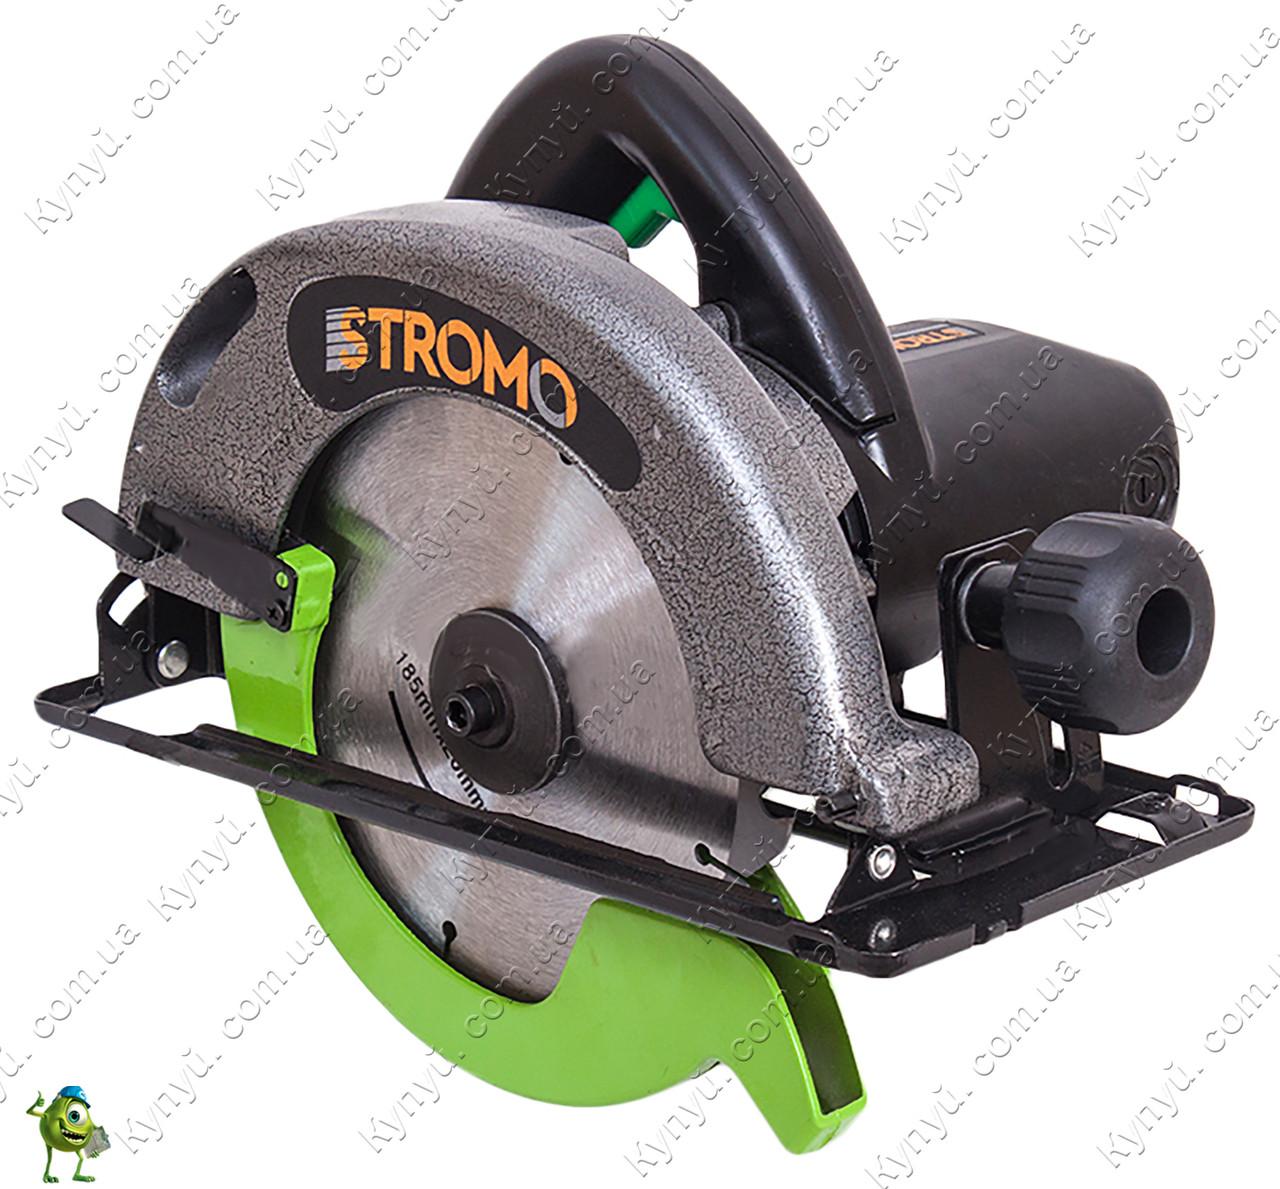 Пила дисковая Stromo SC 2050/185